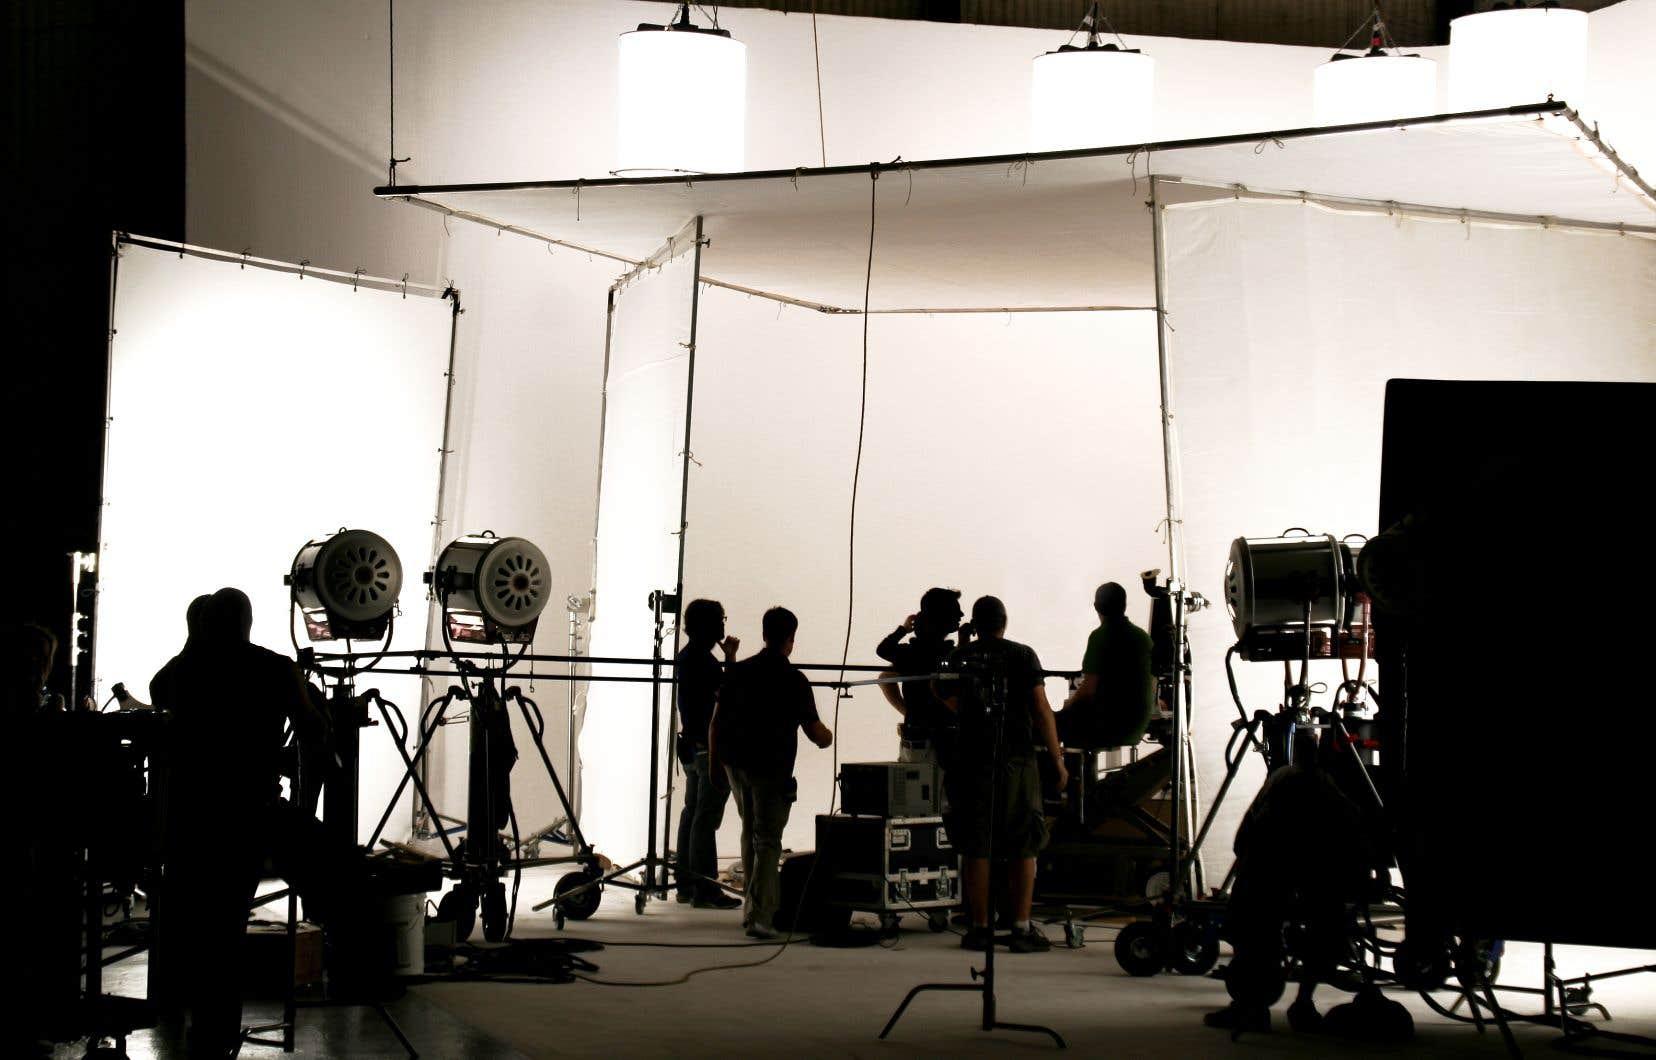 Un conflit de travail oppose actuellement les producteurs de télévision et de cinéma aux techniciens, concernant les conditions de travail de ces derniers.